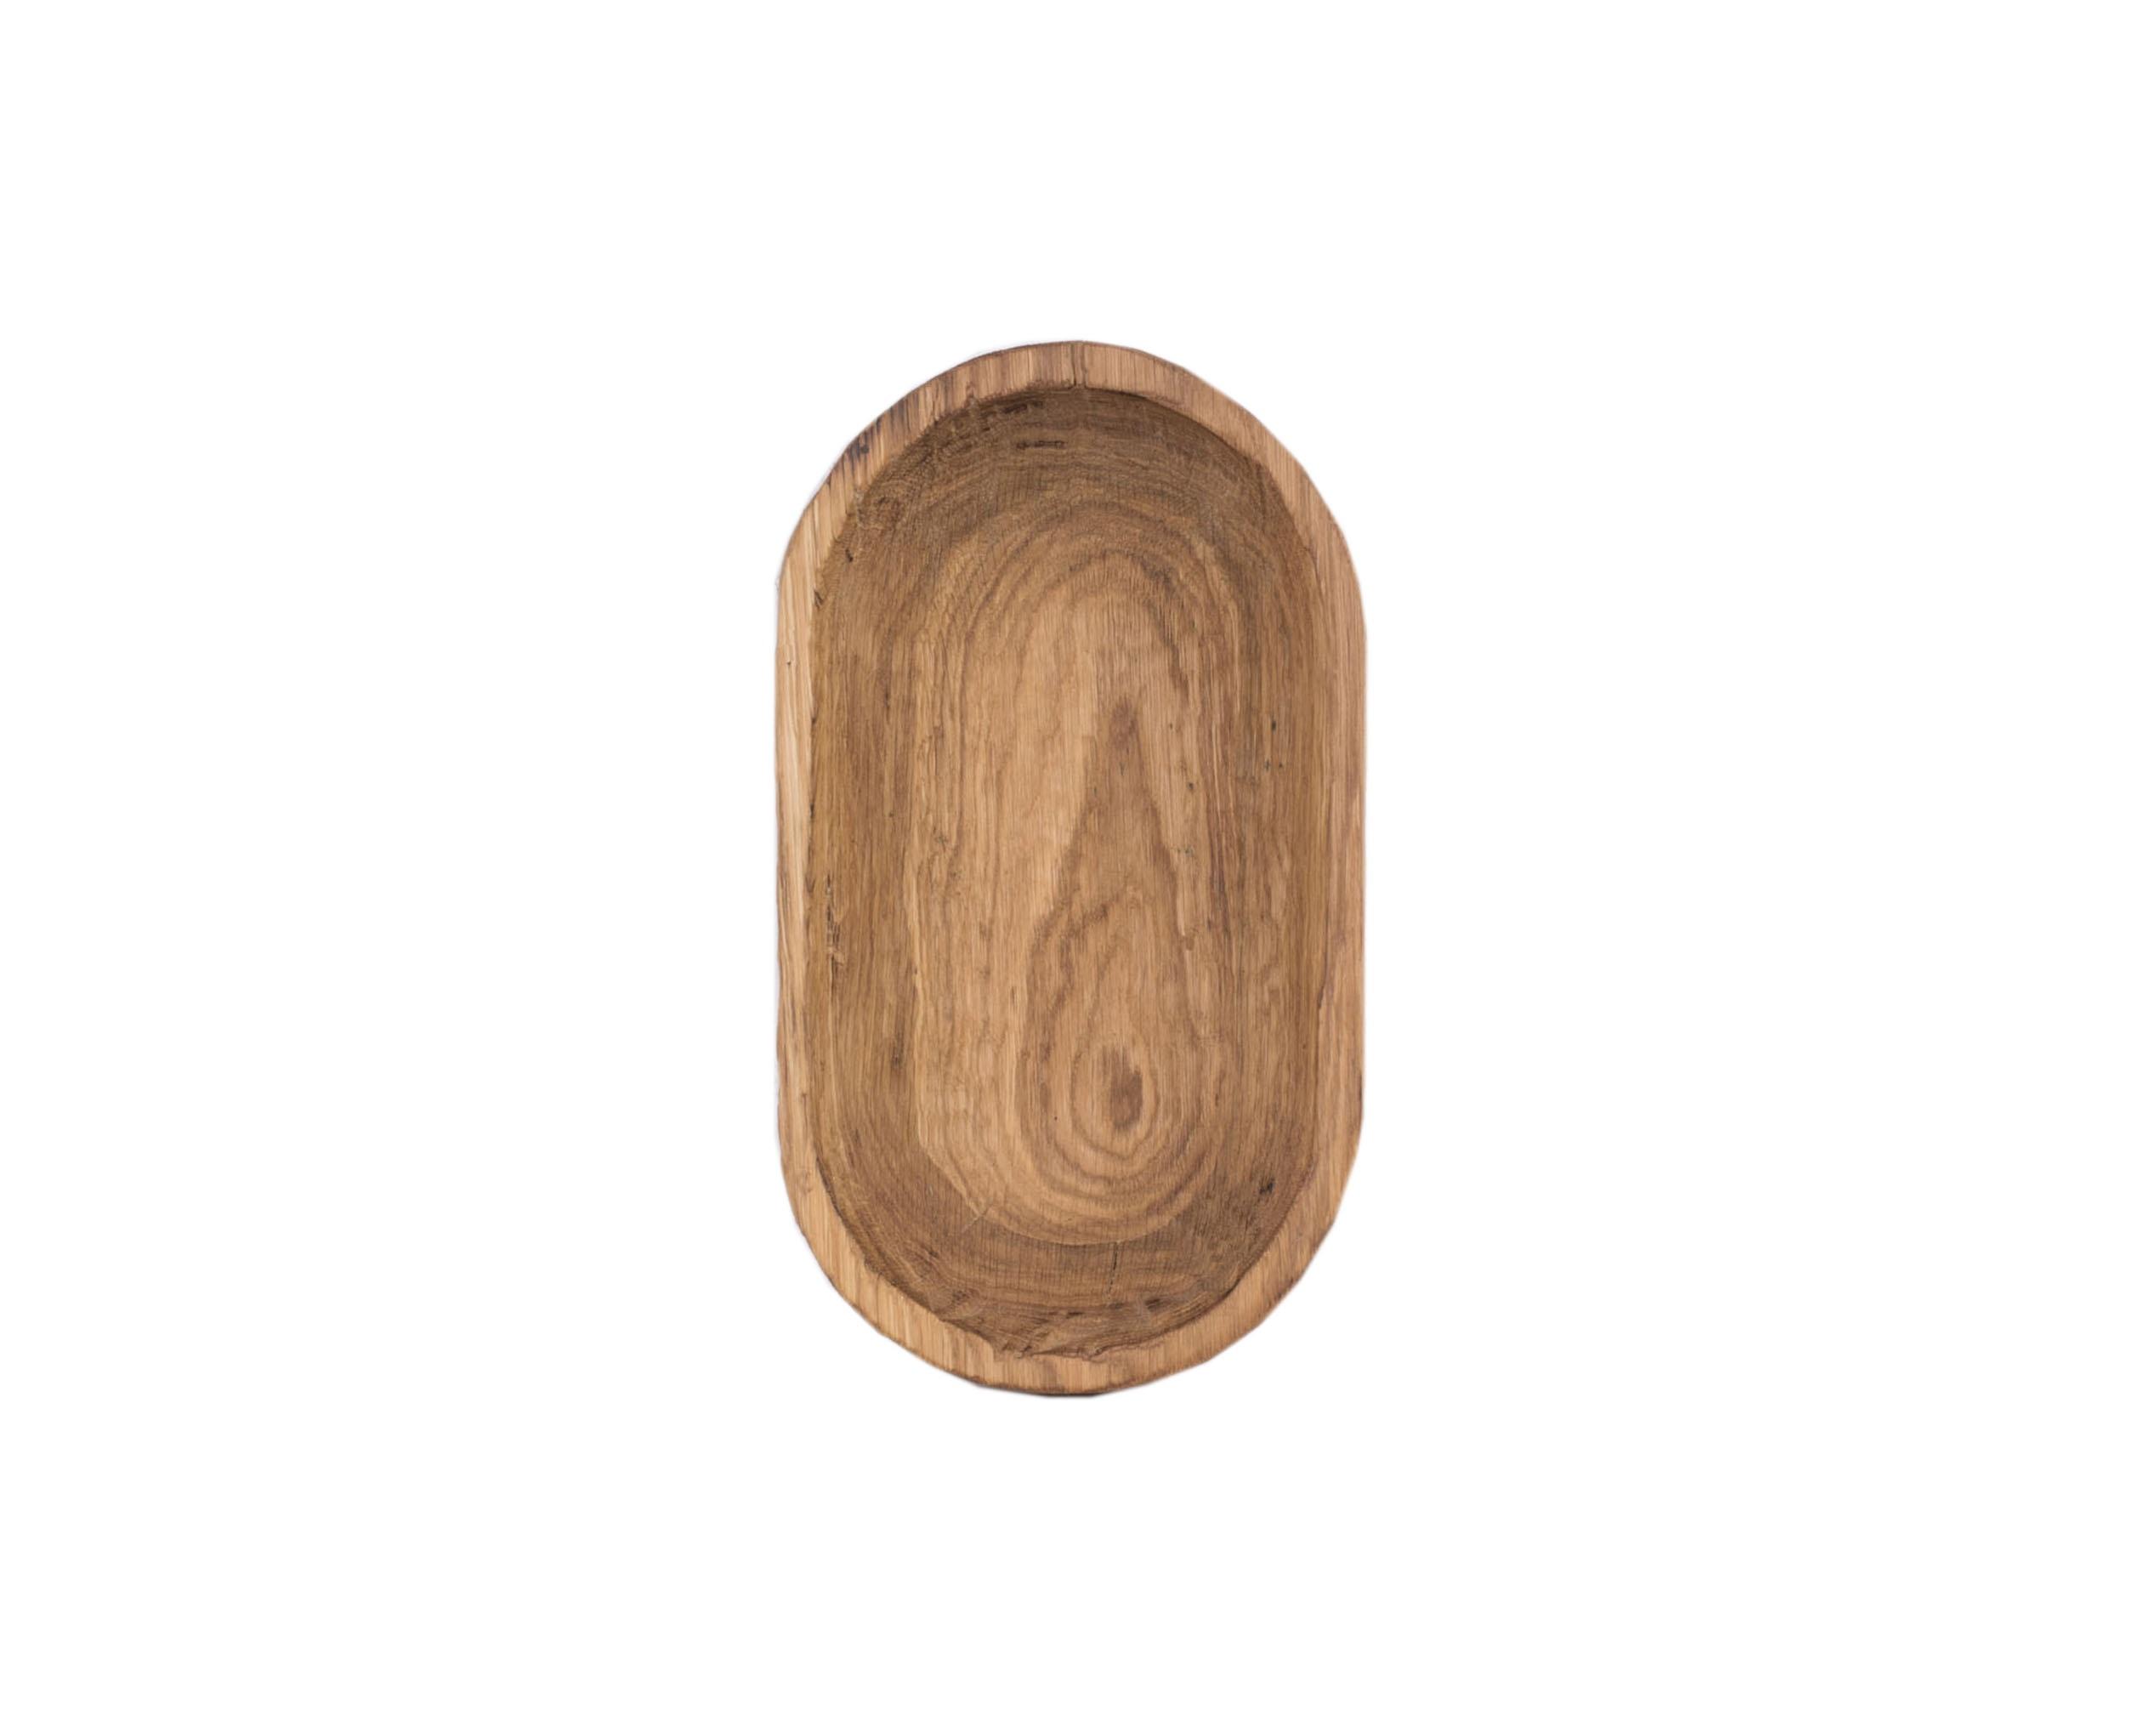 БлюдоДекоративные блюда<br>Покрытие: льняное масло. Сделано вручную. &amp;amp;nbsp;Красивые ненавязчивые фактуры, приятные неброские цвета, которые подойдут под любой стиль интерьера. При необходимости можно обновлять покрытие, протерев поверхность тканью, смоченной растительным маслом.<br><br>Material: Дуб<br>Ширина см: 40<br>Высота см: 5<br>Глубина см: 26